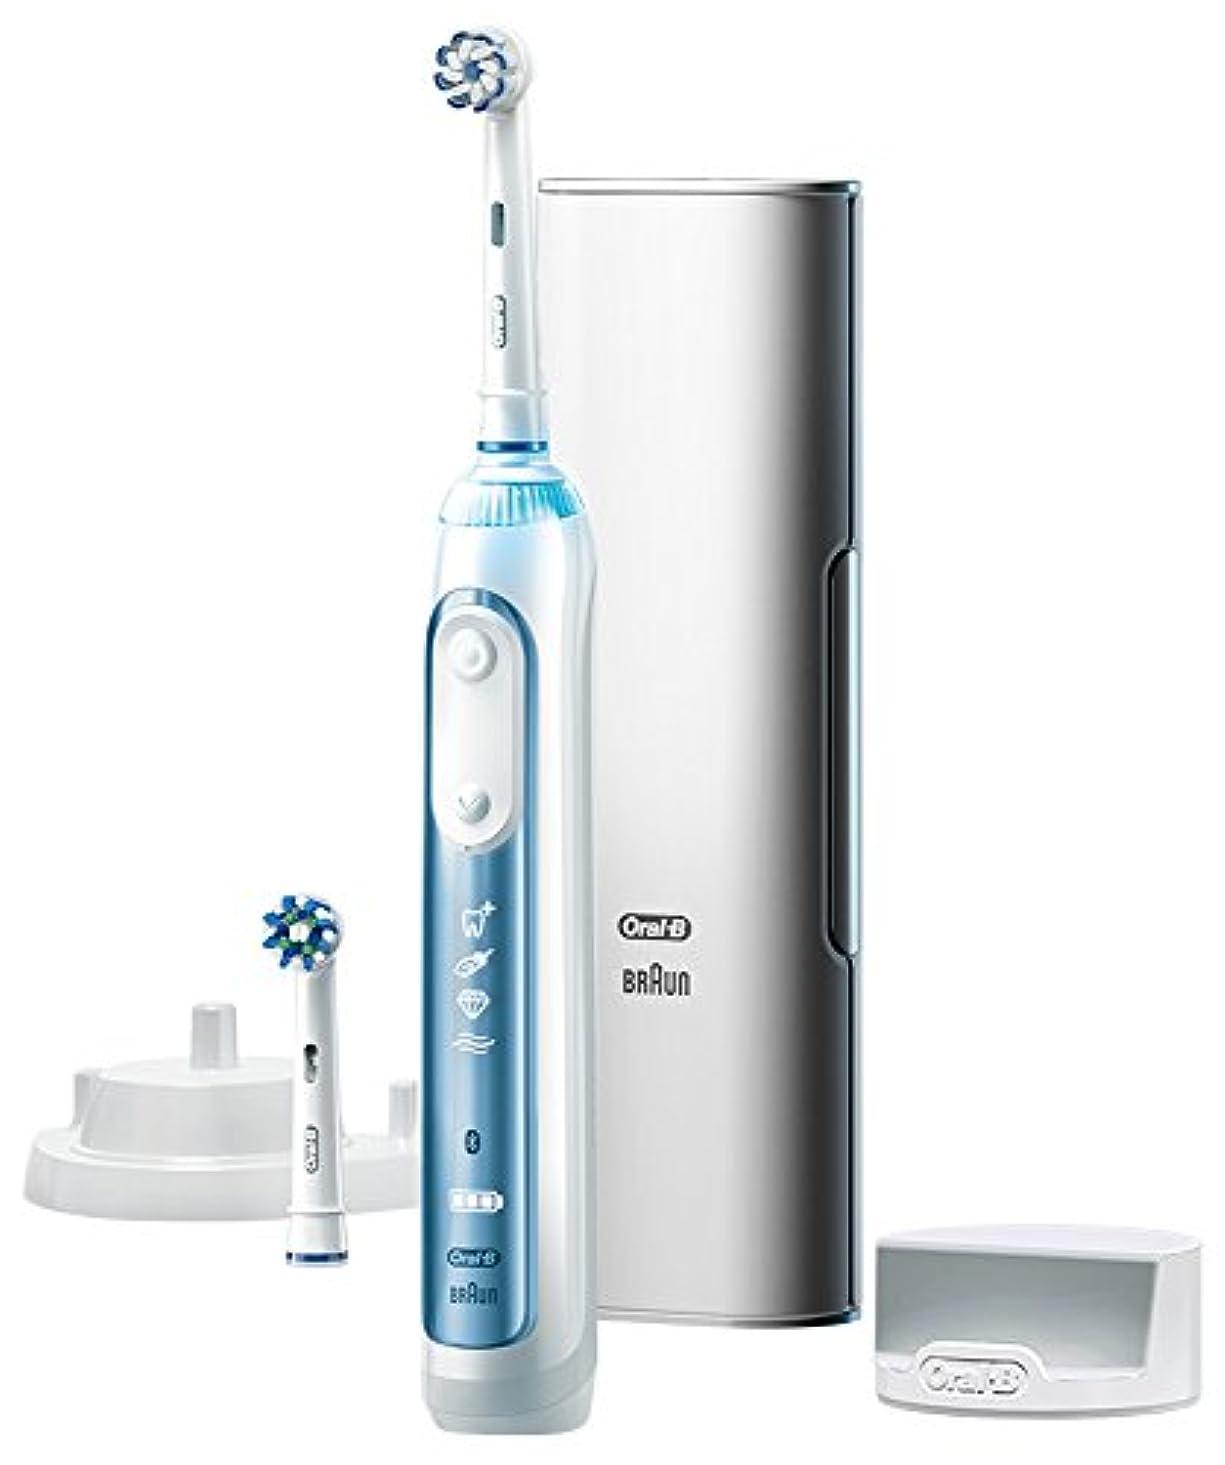 マサッチョ剥離スナップブラウン オーラルB 電動歯ブラシ スマート7000 D7005245XP D7005245XP